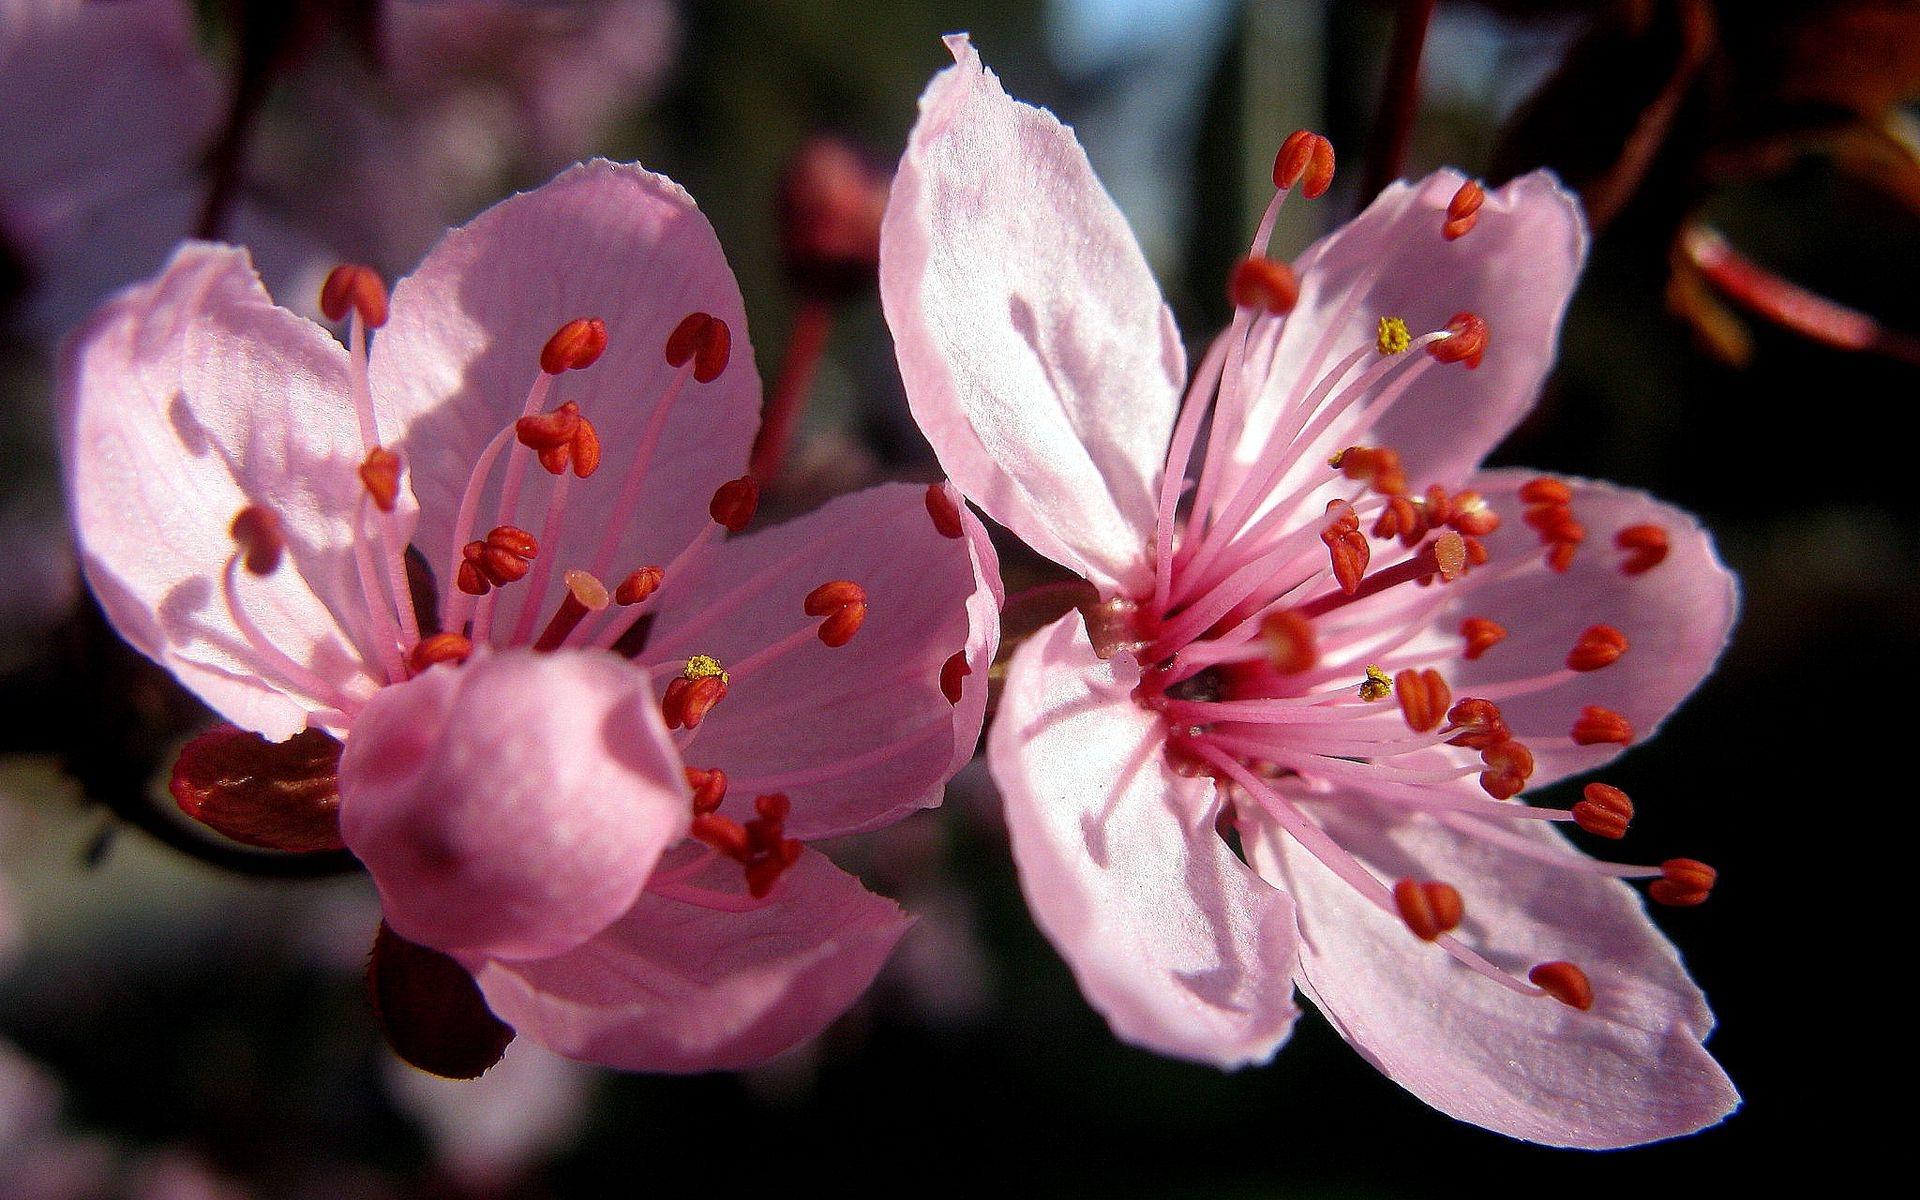 тобою цветы вишни фото картинки берега два